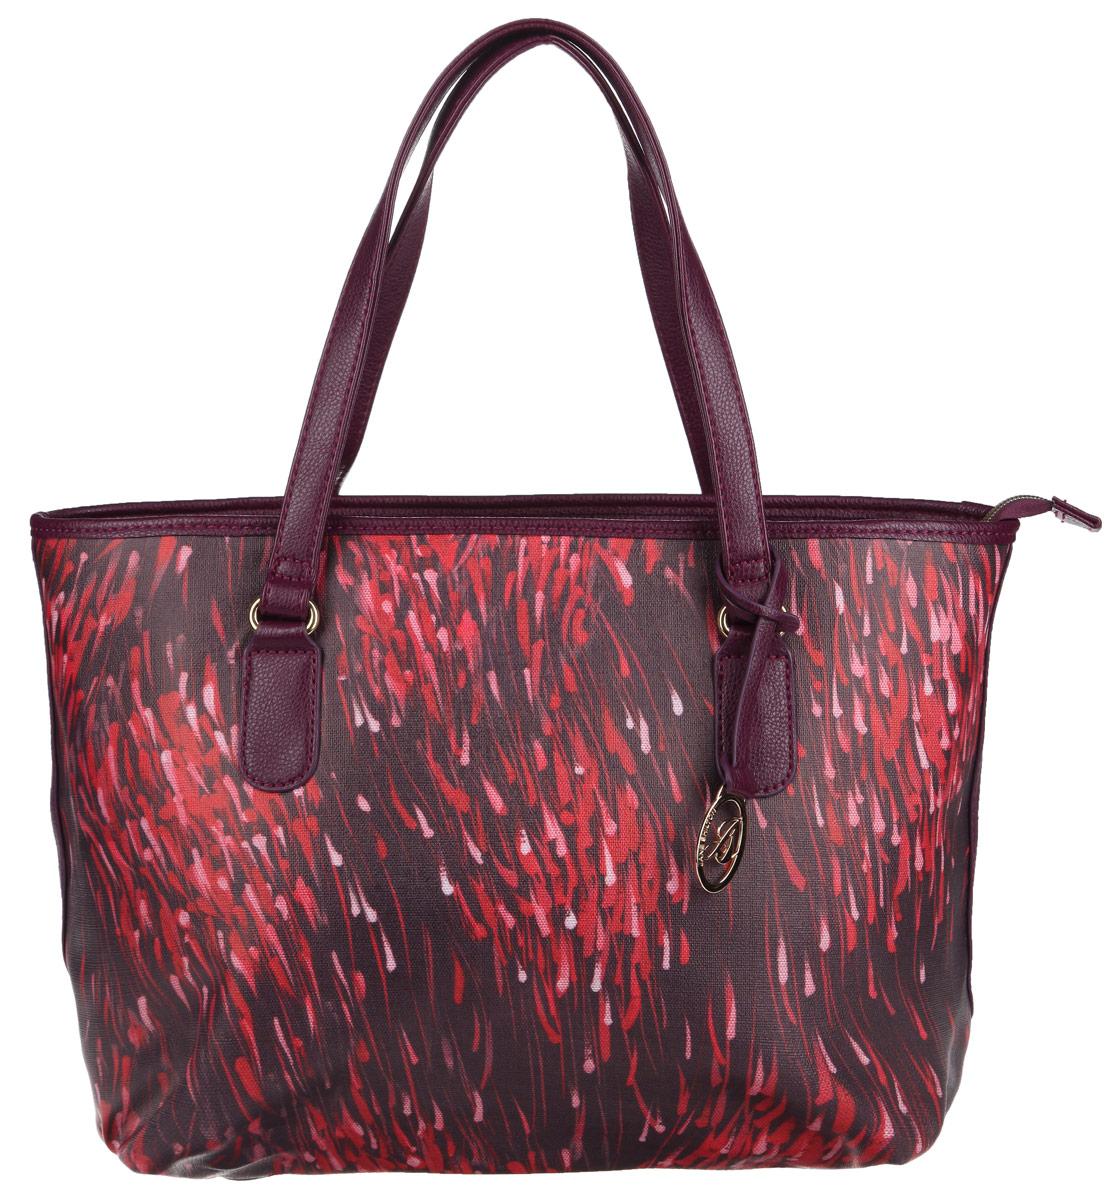 Сумка женская Jane Shilton, цвет: розовый, фиолетовый. 19141914pinkСтильная сумка Jane Shilton выполнена из искусственной кожи с мелкозернистой фактурой, оформлена оригинальным принтом, подвеской и металлической фурнитурой с символикой бренда. Сумка содержит одно отделение, которое закрывается на застежку-молнию. Внутри изделия расположены: врезной карман на застежке-молнии, накладной карман для телефона и карман-средник на молнии. Снаружи, в тыльной стенке сумки, размещен врезной карман на молнии. Изделие оснащено двумя практичными ручками, которые позволят носить сумку, как в руках, так и на плече. Оригинальный аксессуар позволит вам завершить образ и быть неотразимой.